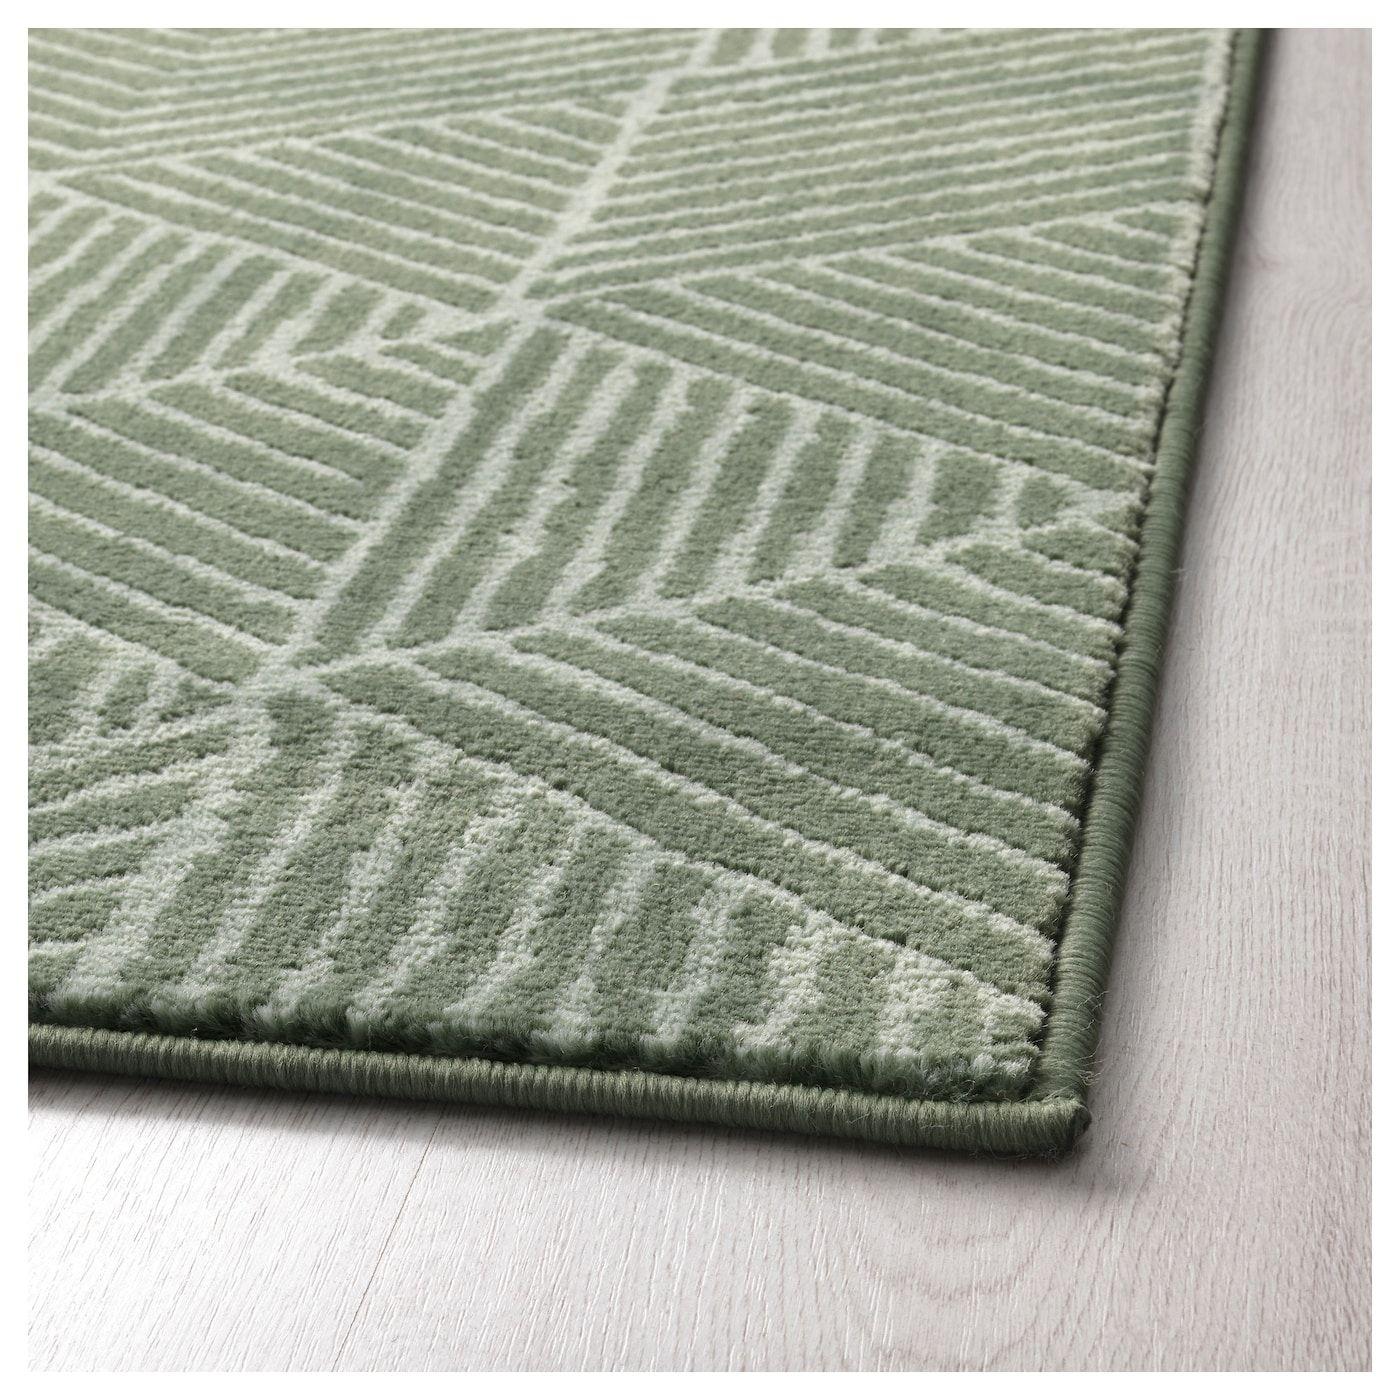 Stenlille Vloerkleed Laagpolig Groen Ikea Teppich Teppich Grün Ikea Teppich